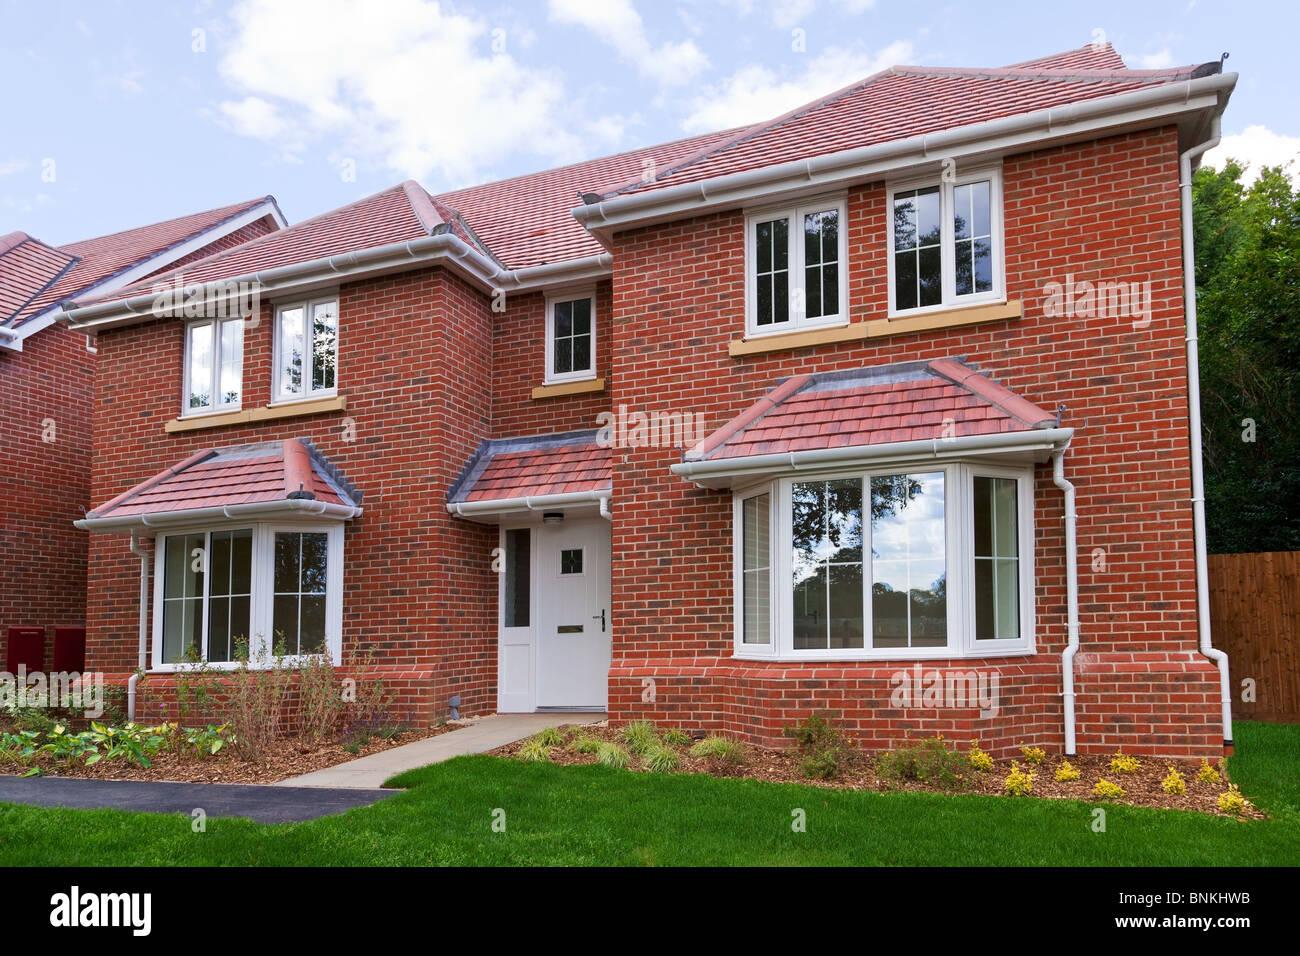 Foto de uma marca nova desocupado destacados Red Brick construído cinco quartos com casa em um alojamento moderno Imagens de Stock